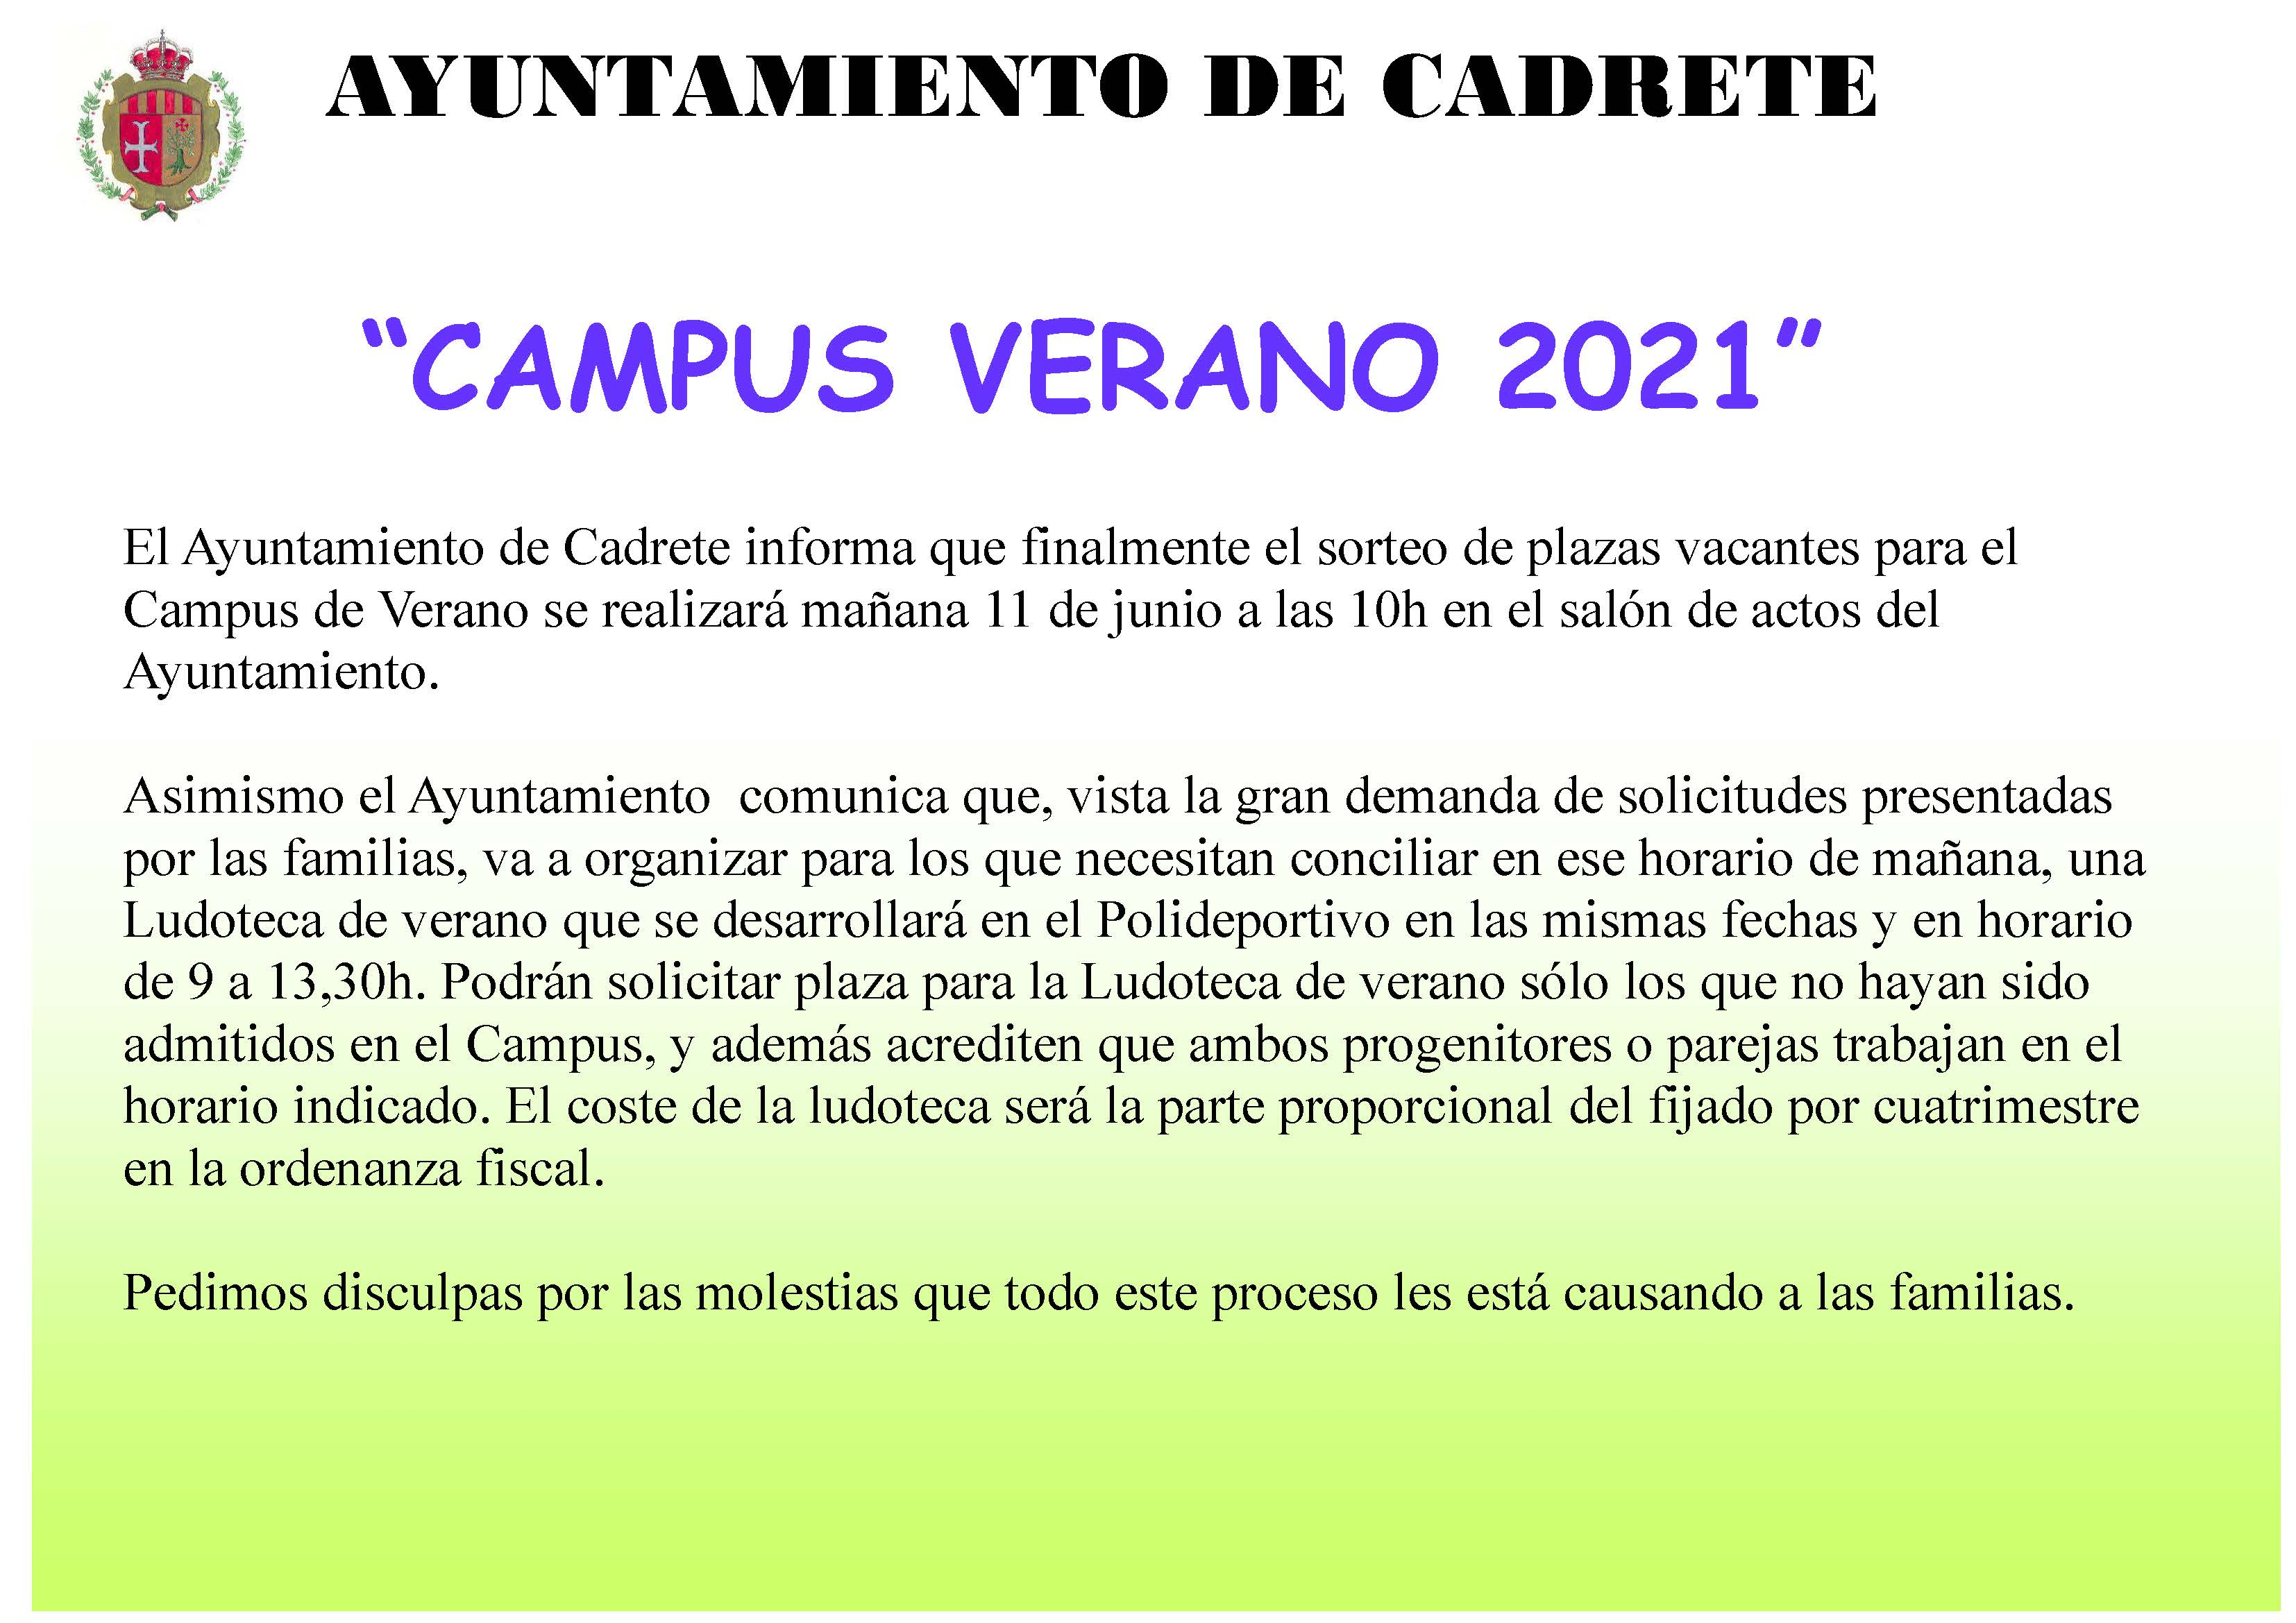 campus verano 2021.jpg